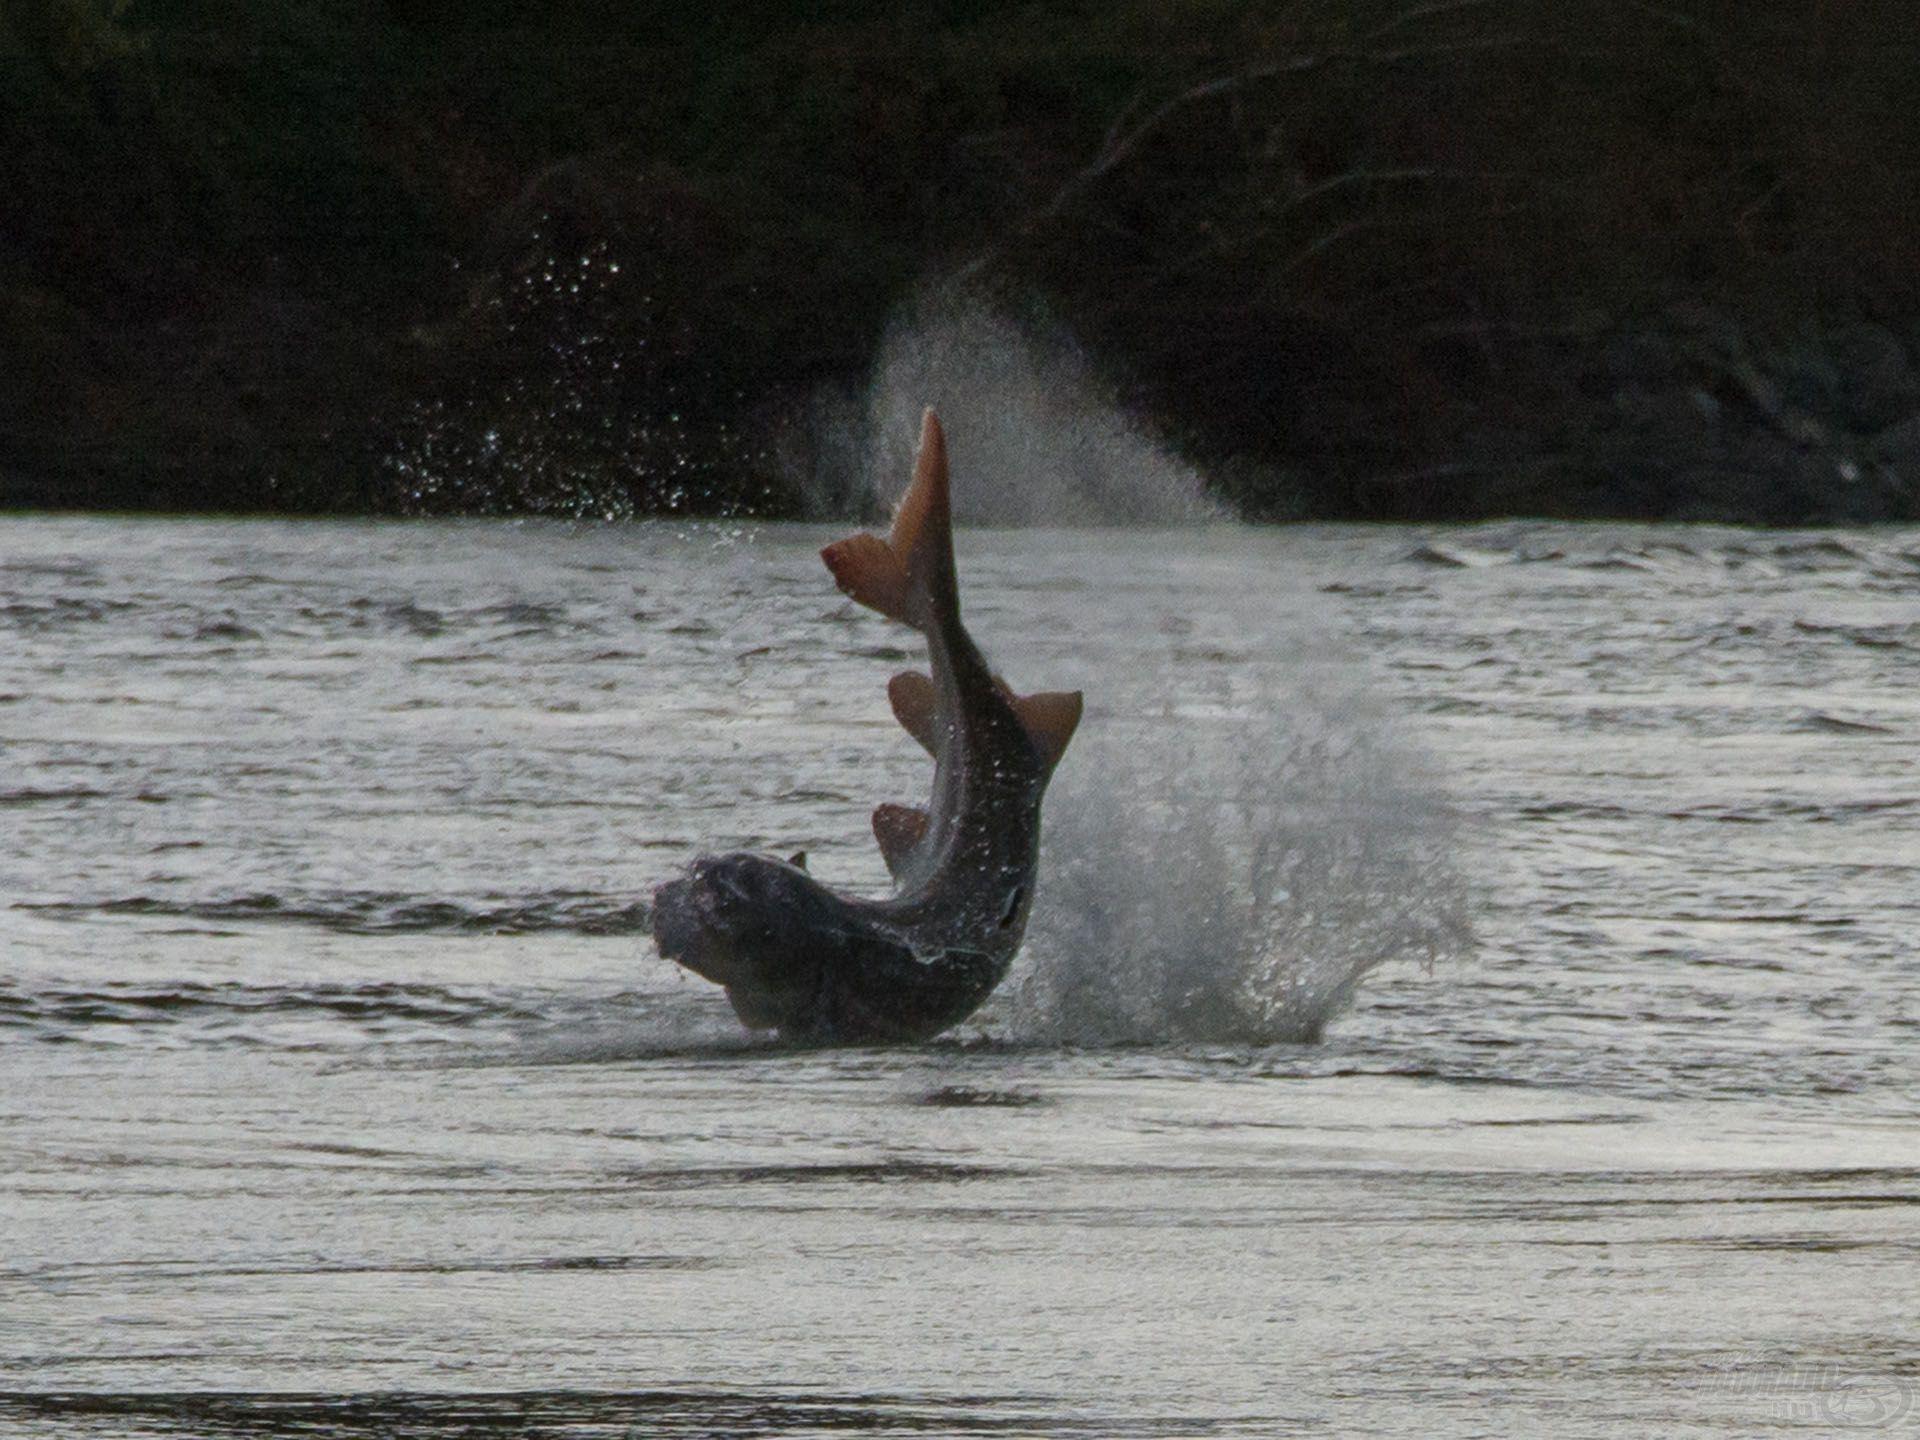 233 cm a hal hossza, és kiugrik a levegőbe